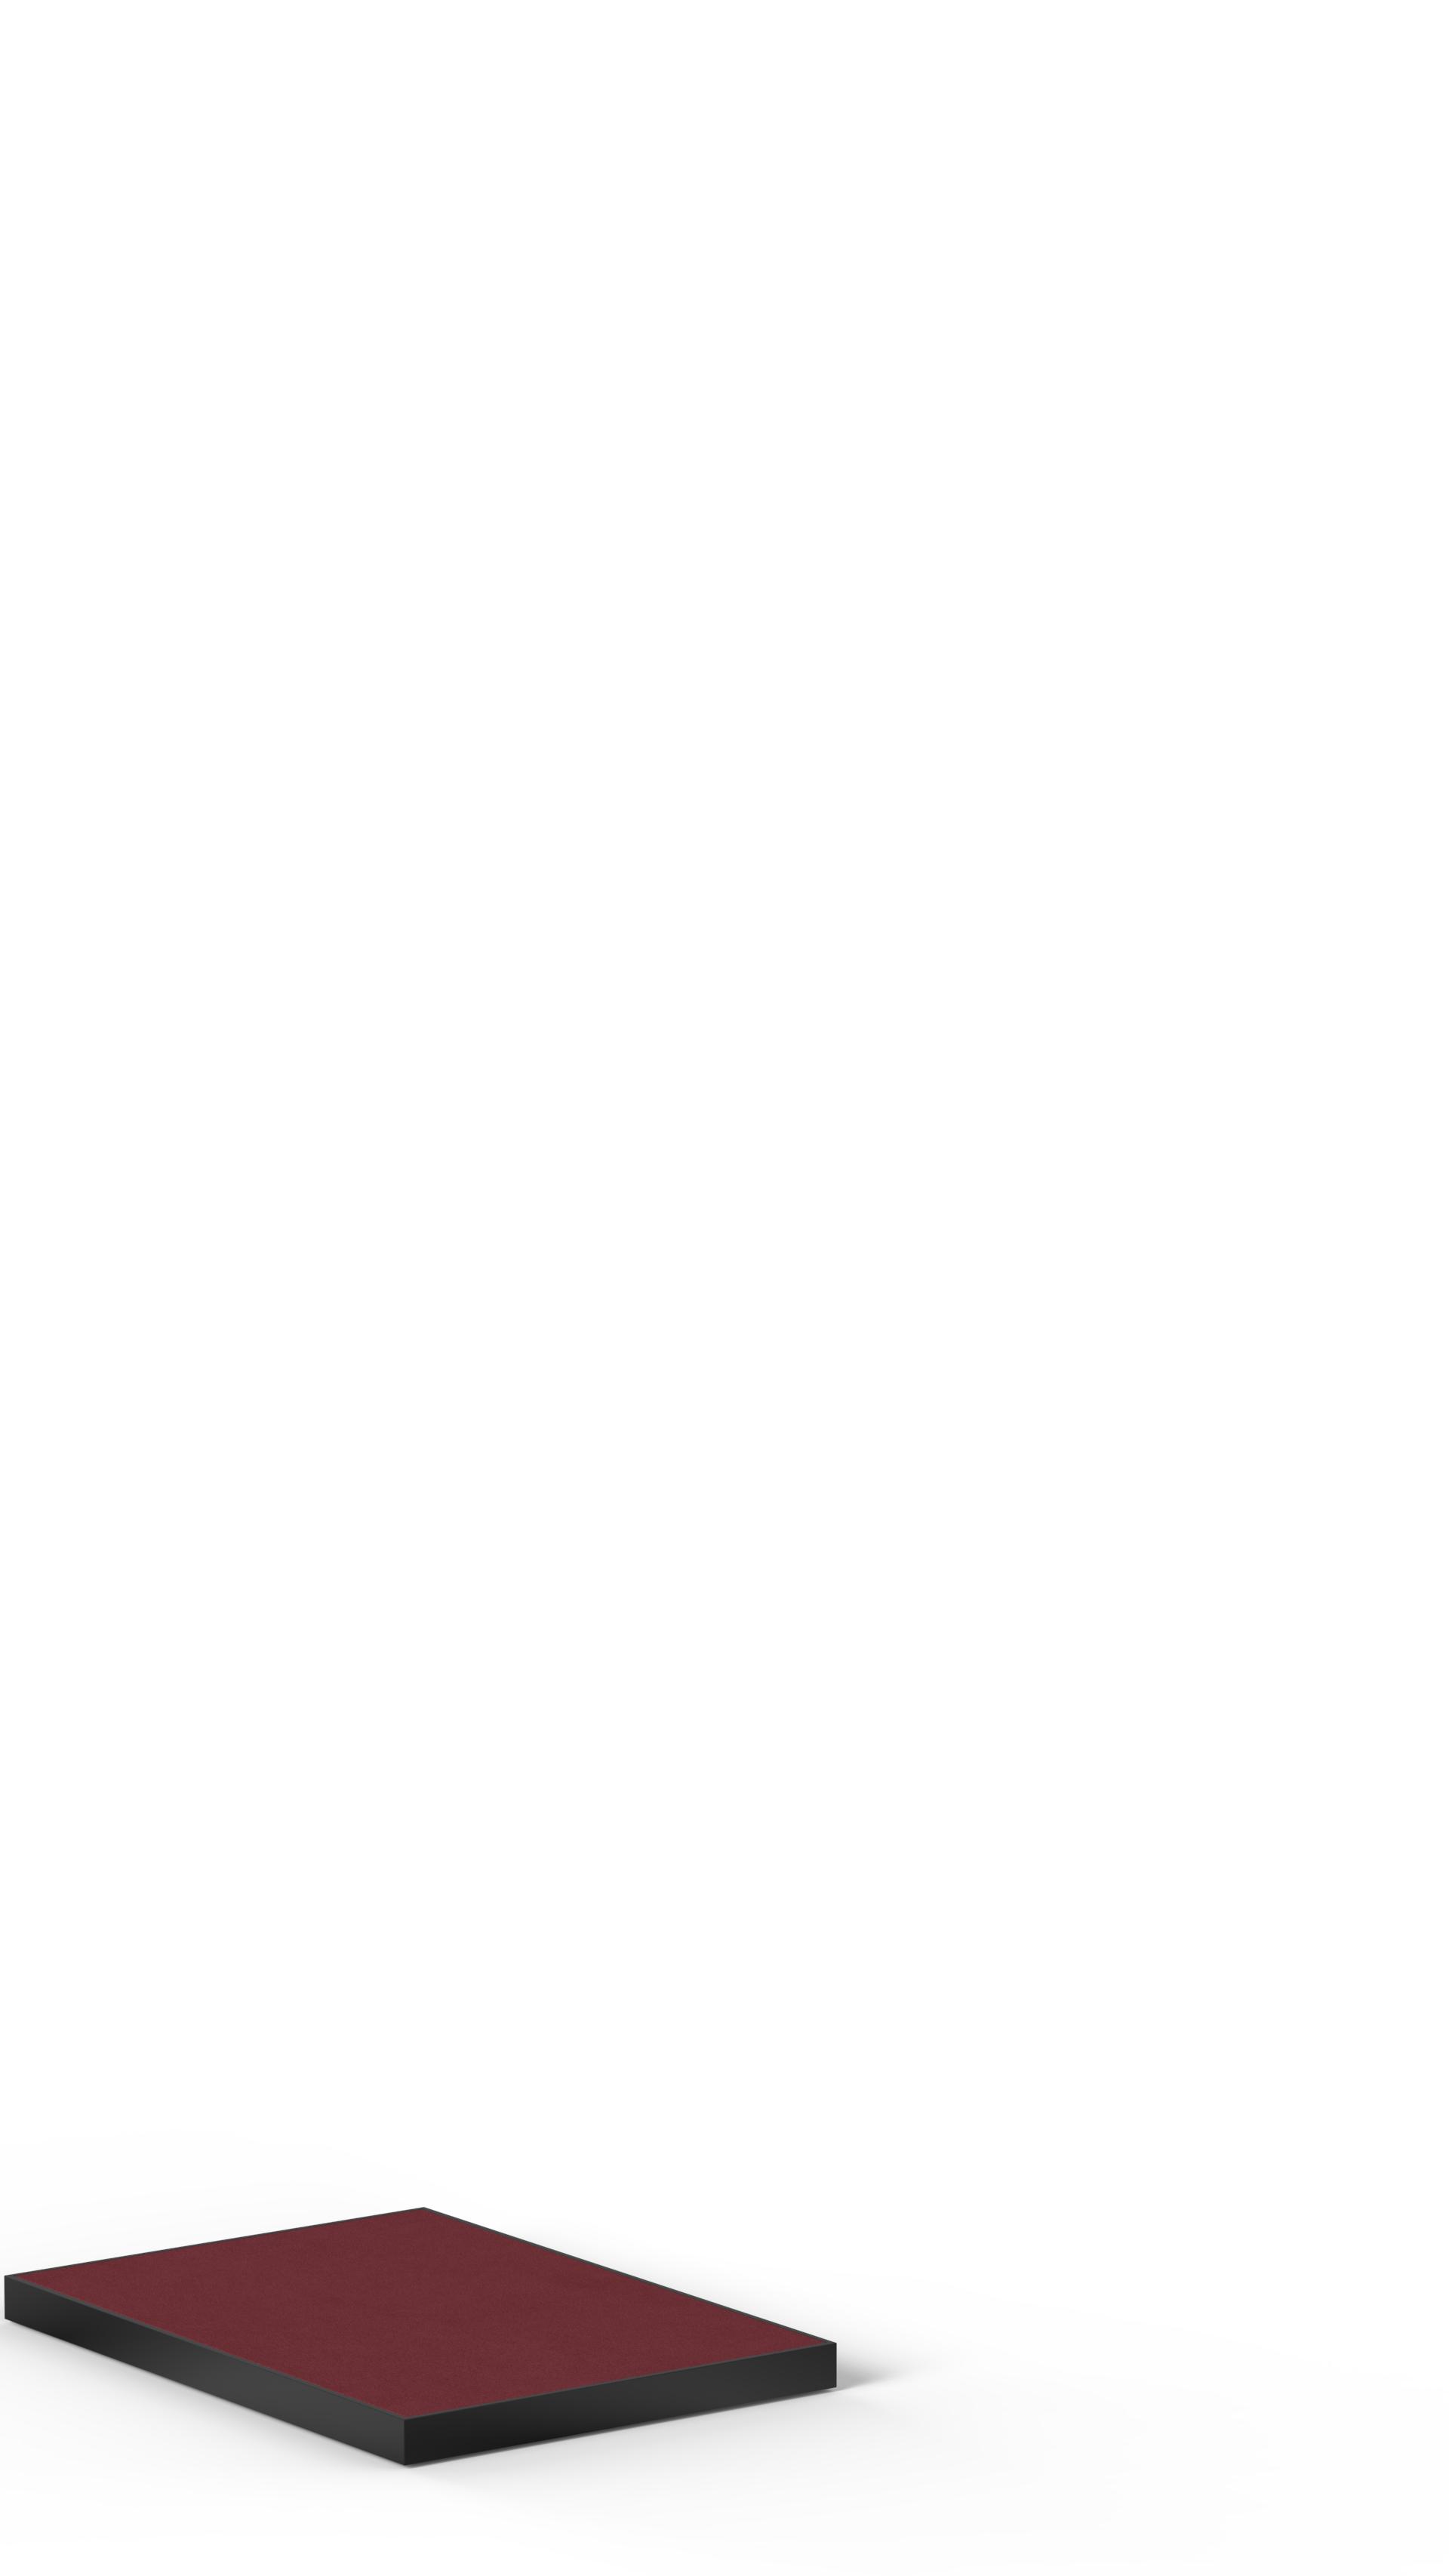 INITPLPG35x25x2x2 Présentoir plateau de présentation SAINT-HONORÉ PARIS